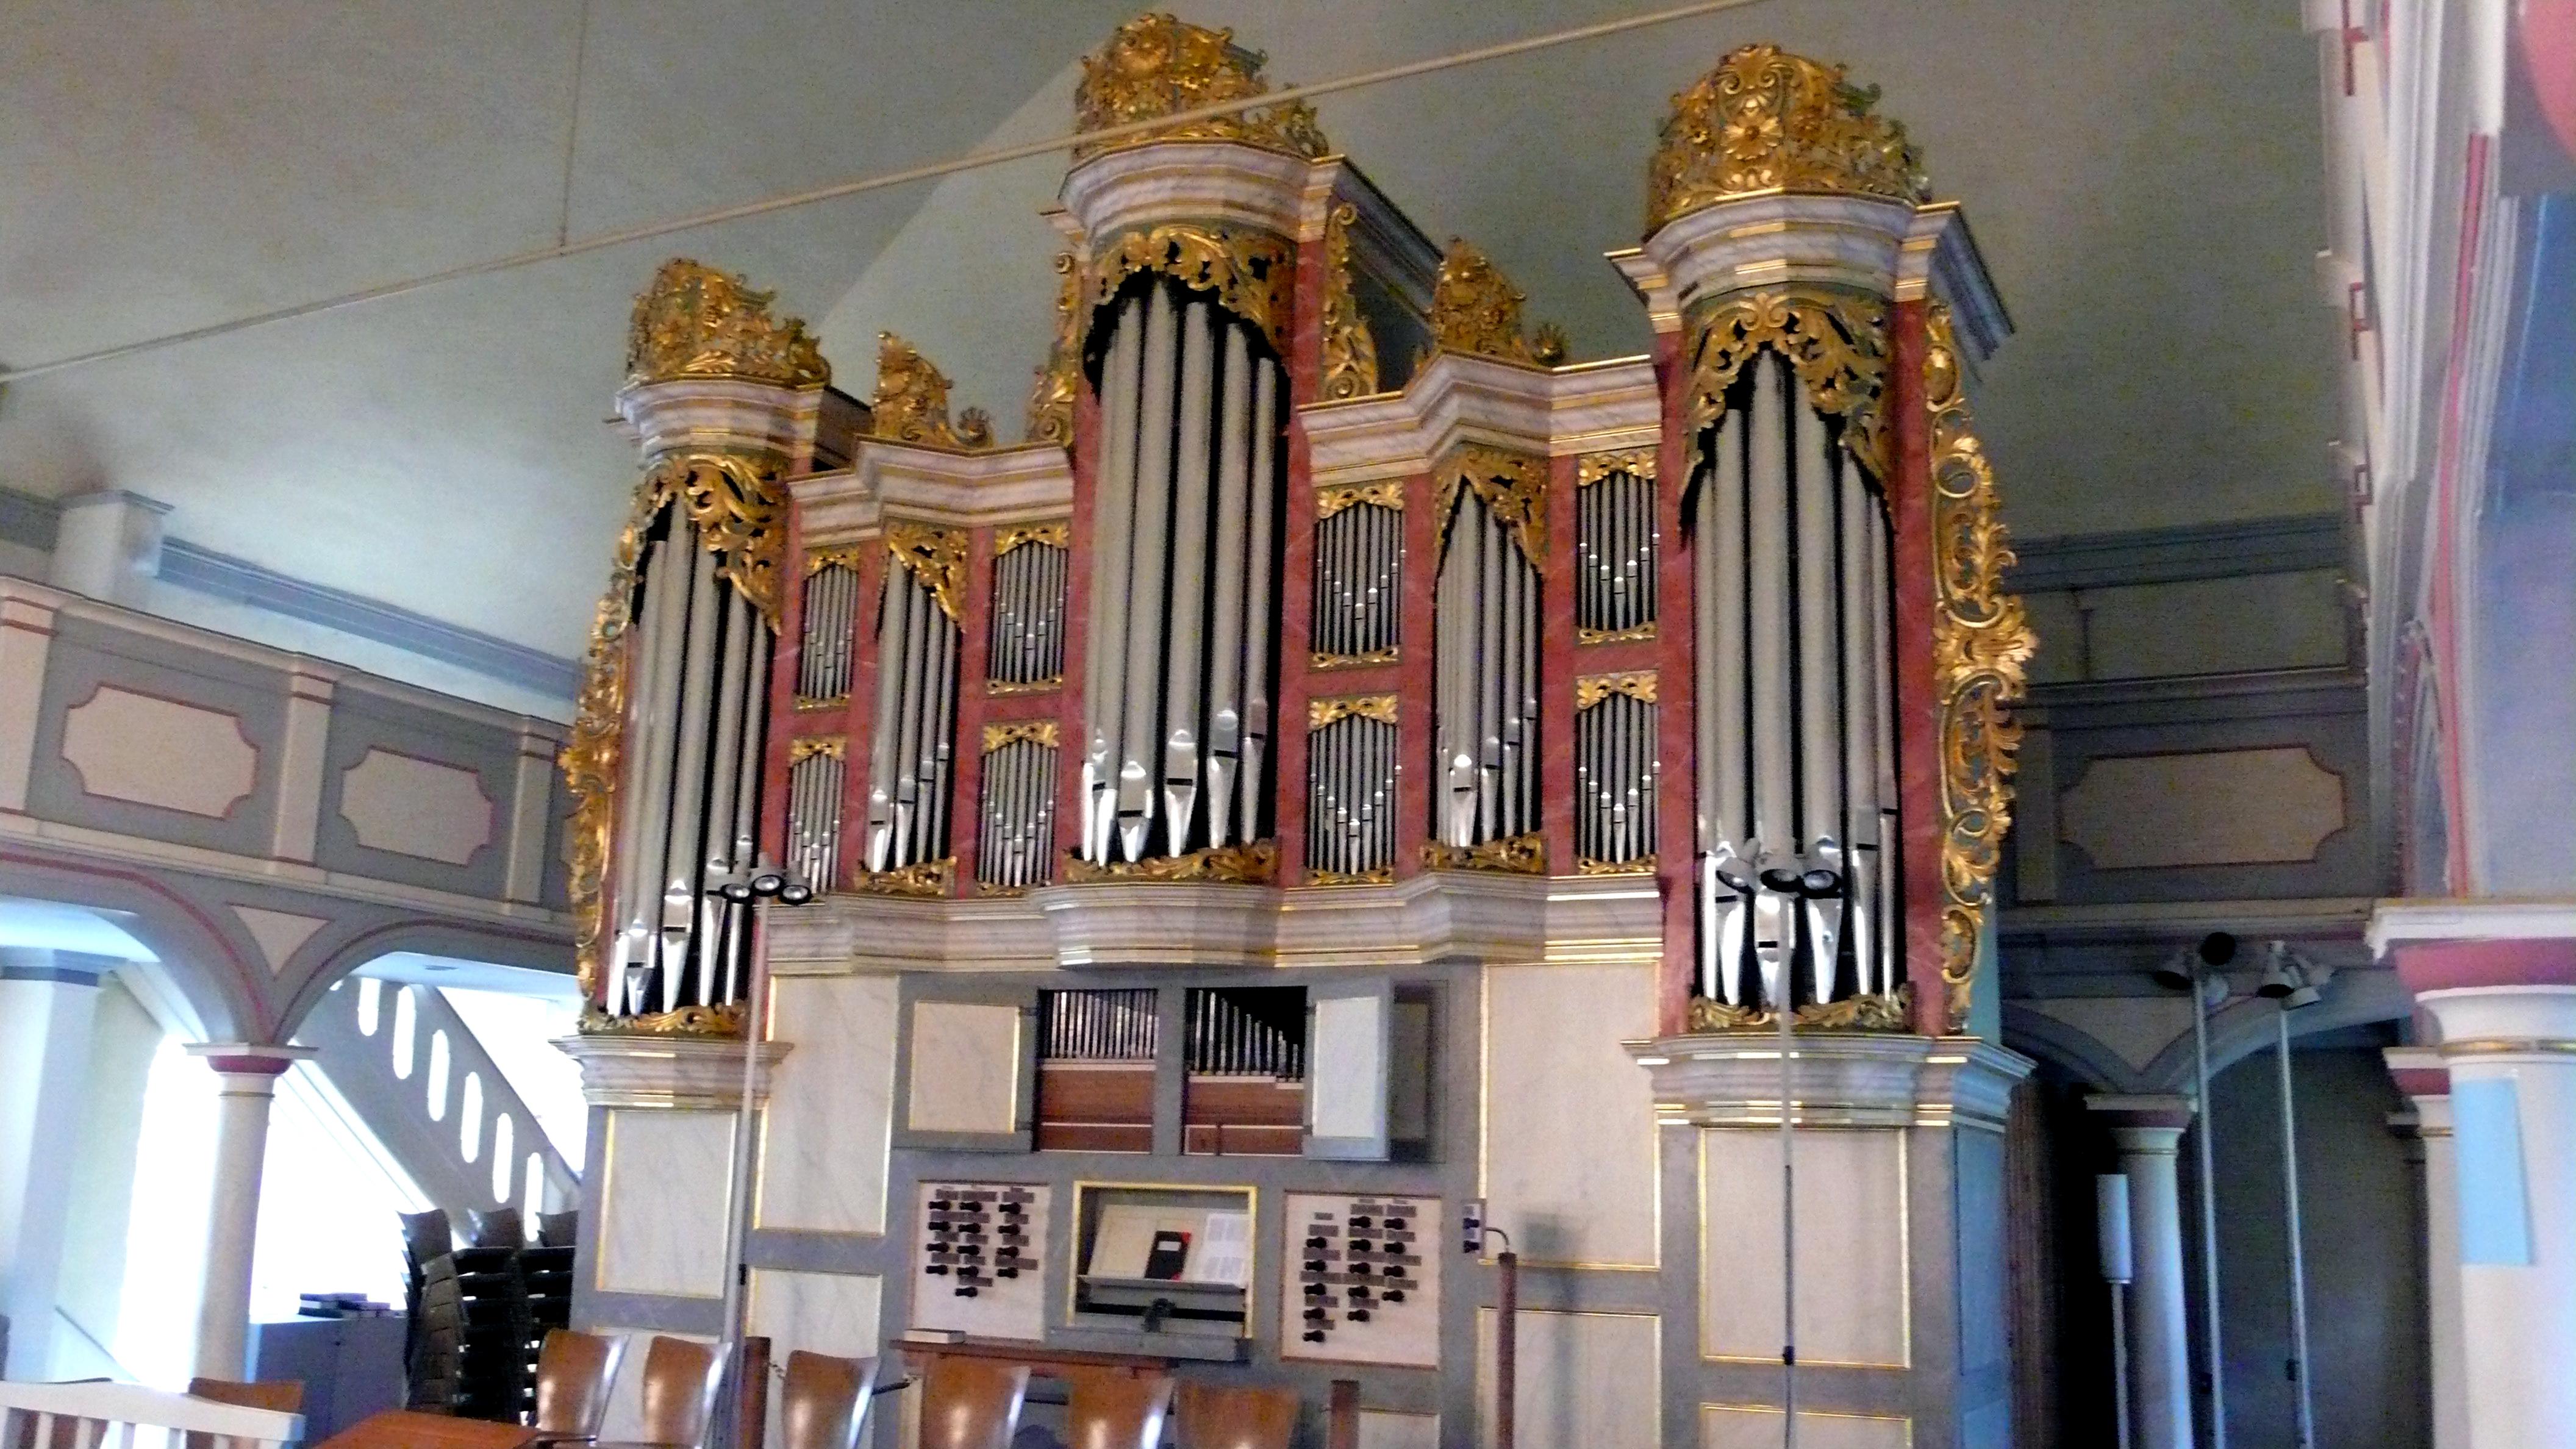 Christian-Vater-Orgel in der St. Nicolai-Kirche